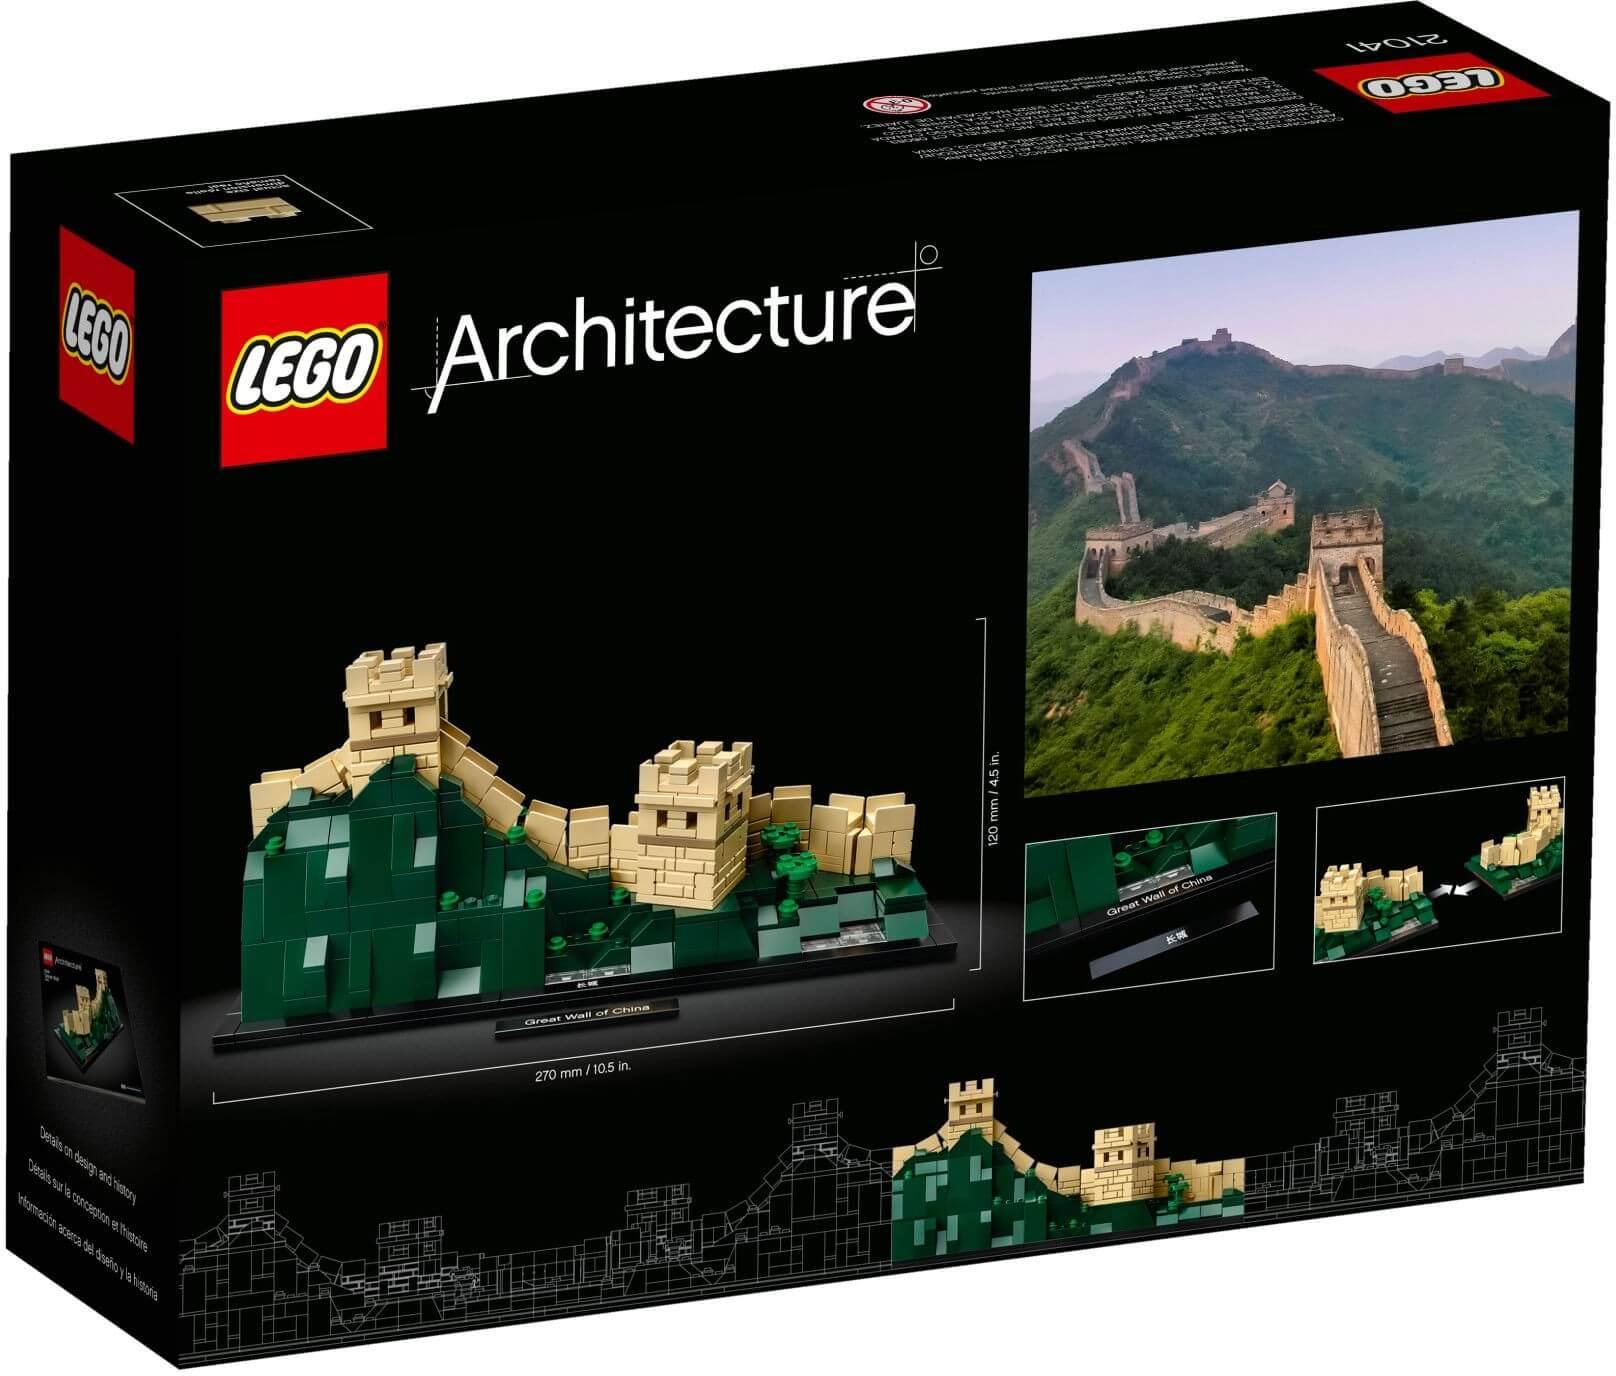 Mua đồ chơi LEGO 21041 - LEGO Architecture 21041 - Mô hình Vạn Lý Trường Thành tại Trung Quốc (LEGO 21041 Great Wall of China)